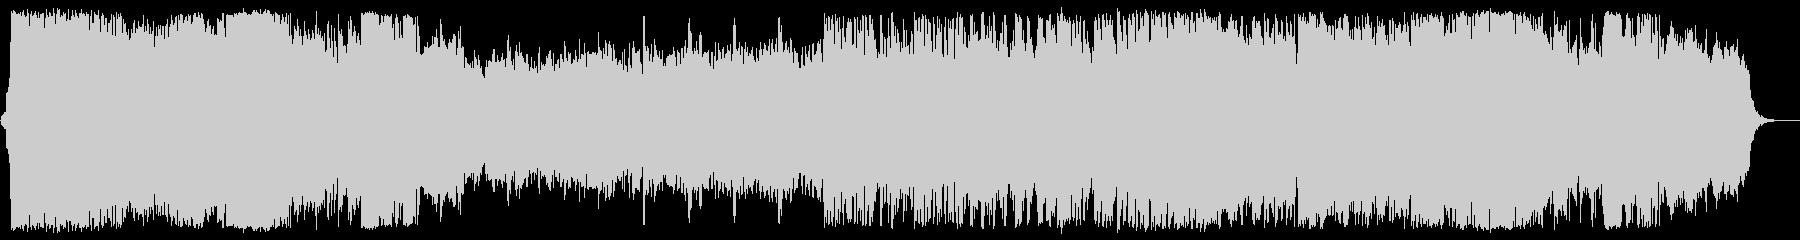 高貴・シンフォニック・クラシカルな音楽の未再生の波形